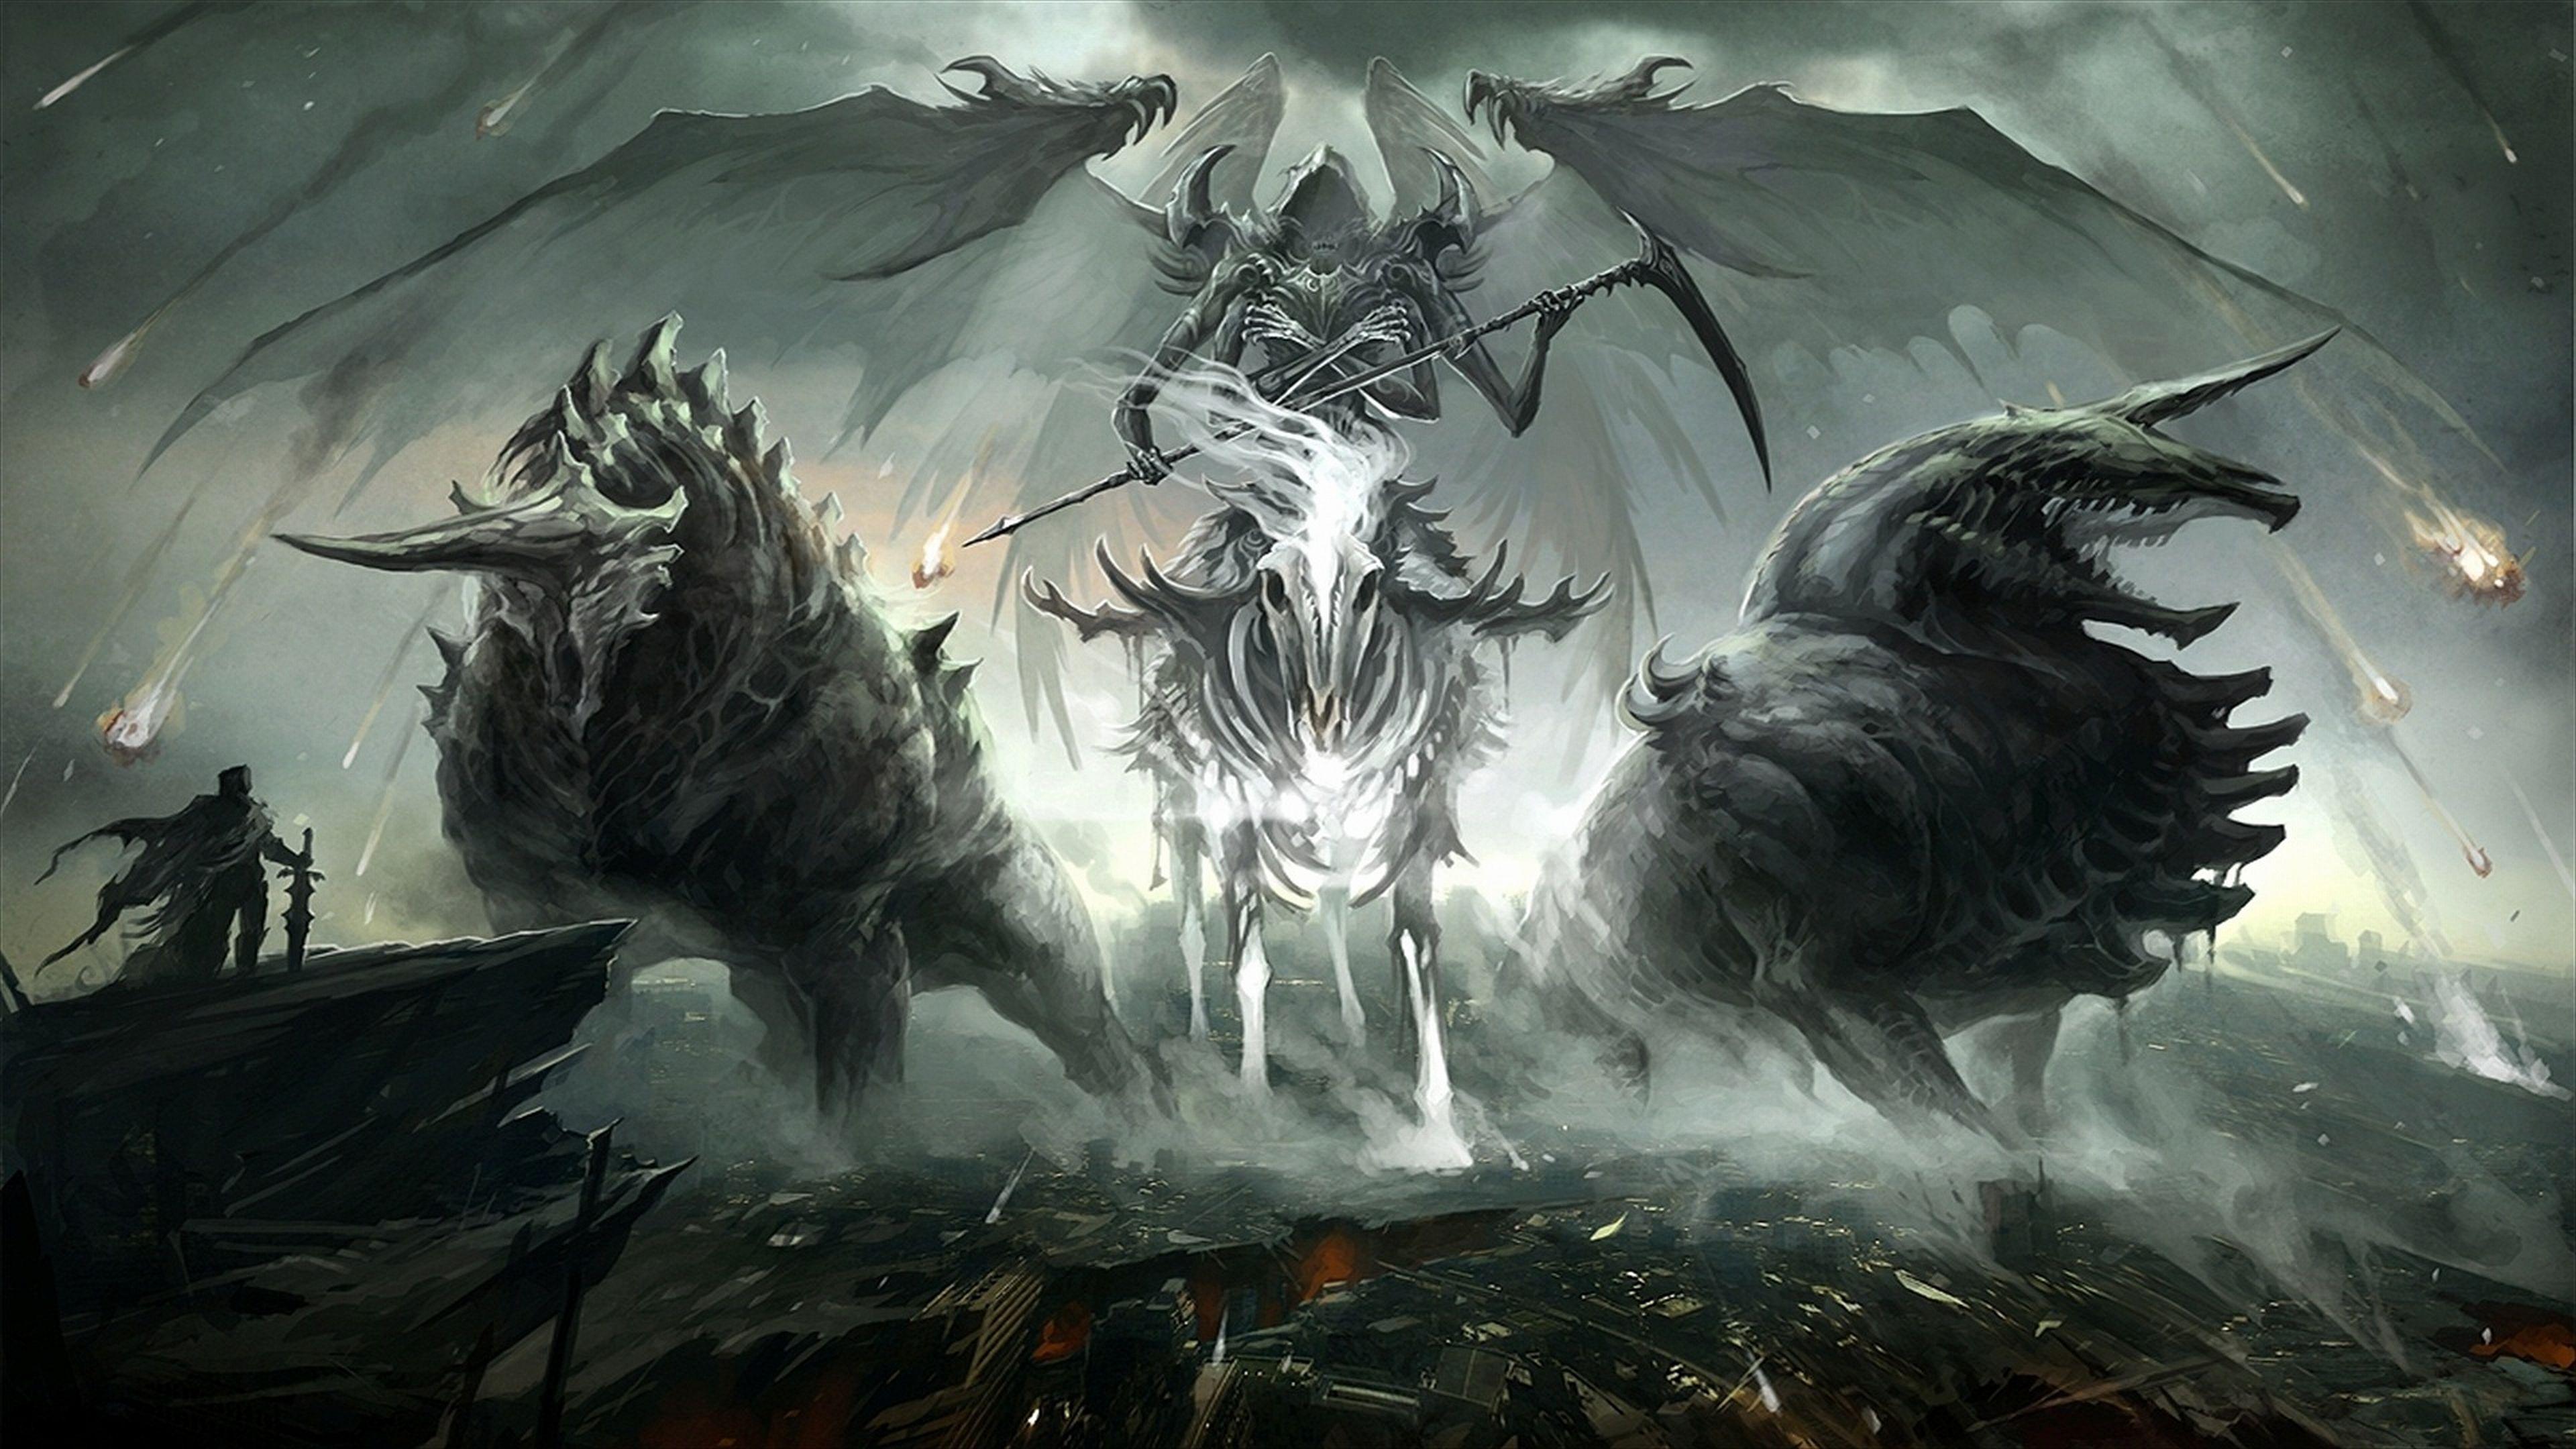 Female Grim Reaper Wallpapers Wallpaper Cave